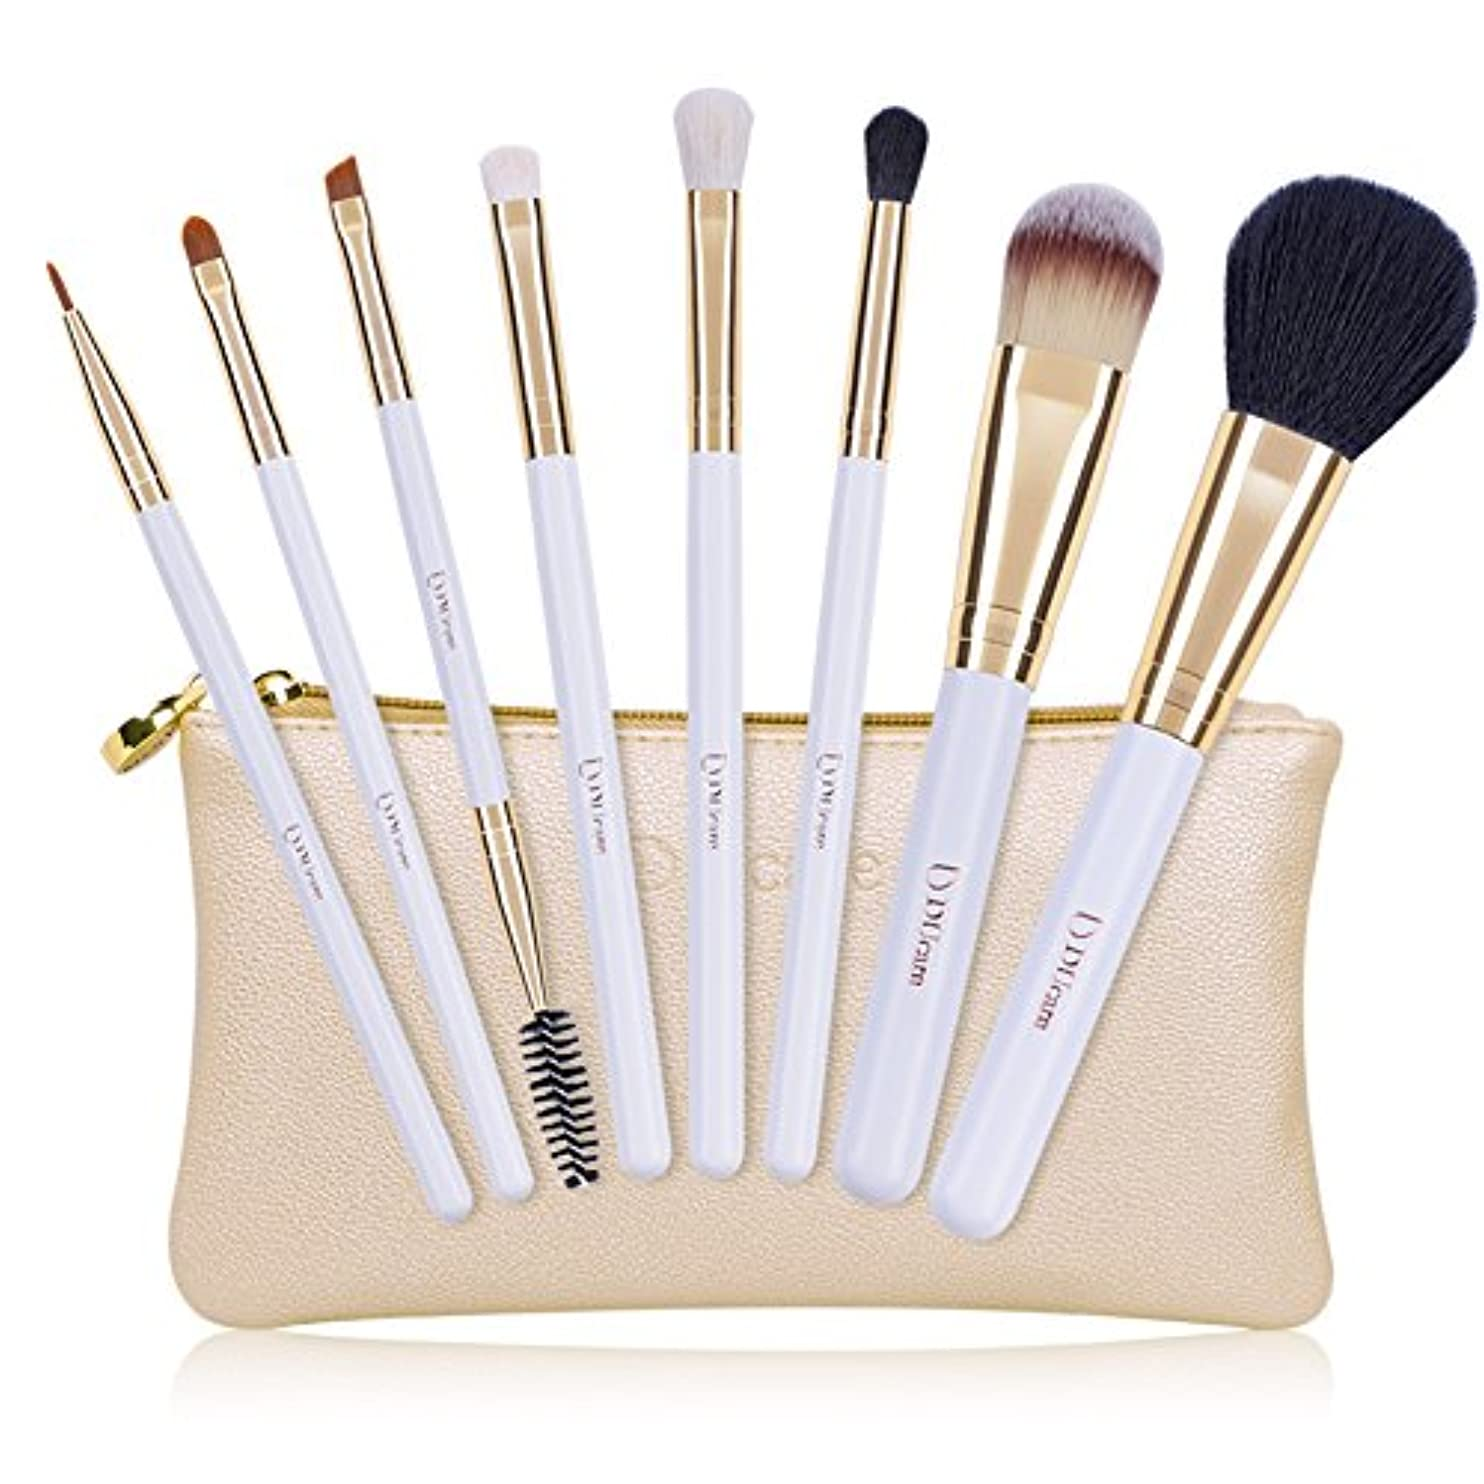 防腐剤減る旅行者ドゥケア(DUcare) 化粧筆 メイクブラシ 8本セット 白尖峰&高級タクロン使用 ゴールドのレザー風化粧ポーチ付き